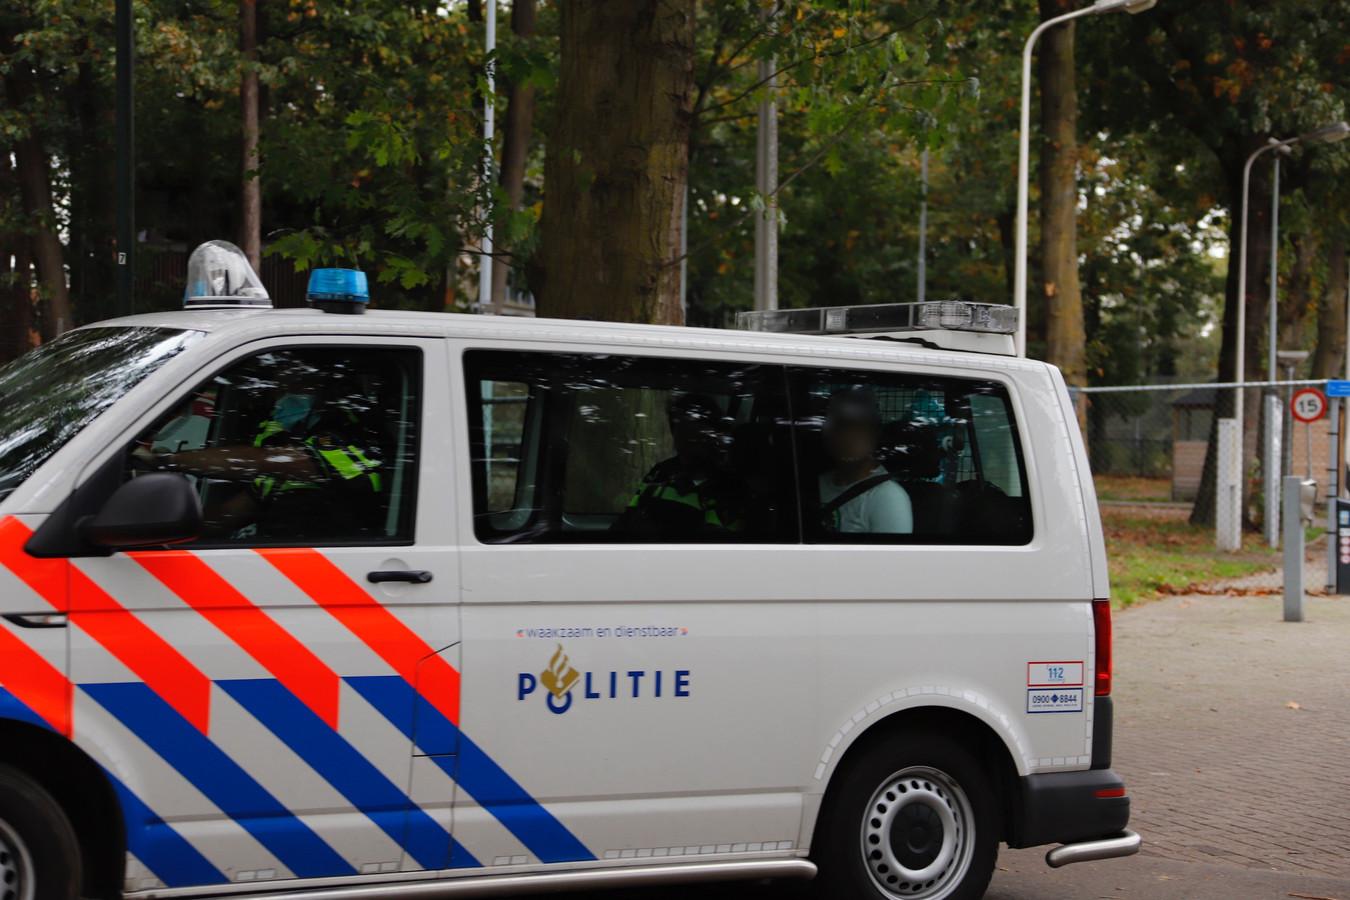 De bewoner van het asielzoekerscentrum in Overloon wordt door de politie naar de arrestantencel vervoerd nadat hij agressief was geworden en een ruit had ingeslagen.